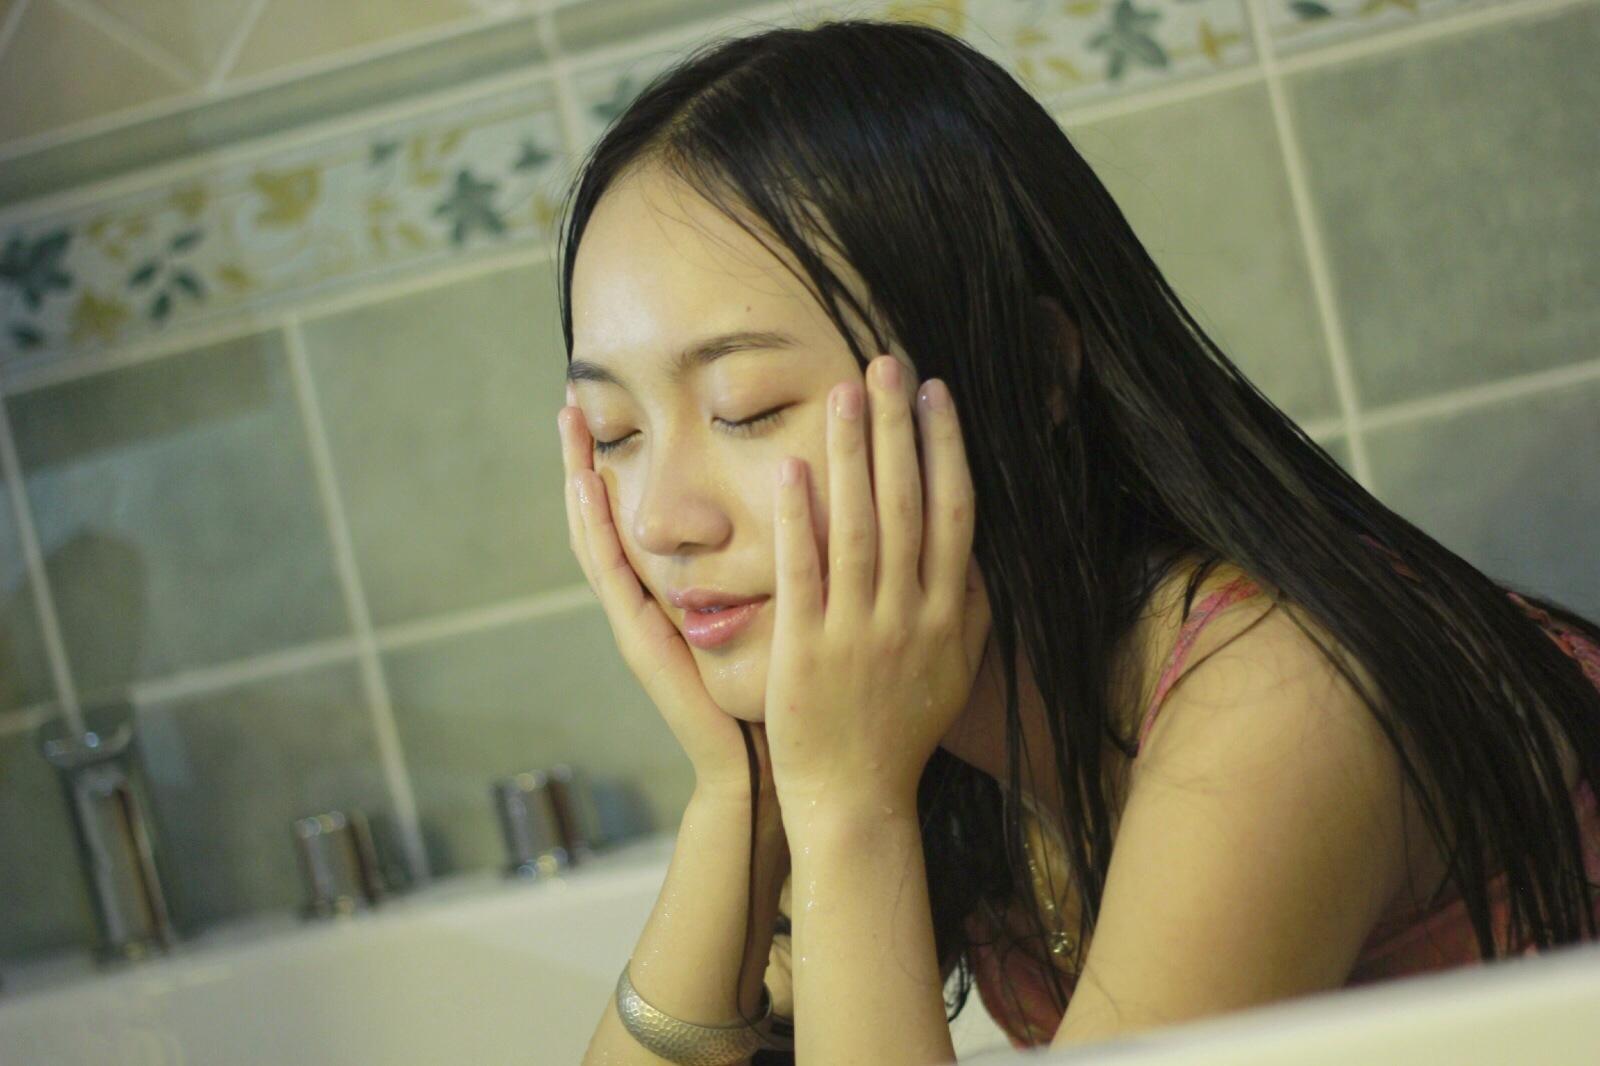 先锋伦理亚洲情色制服丝袜三级电影_稻川夏目电影在线观看